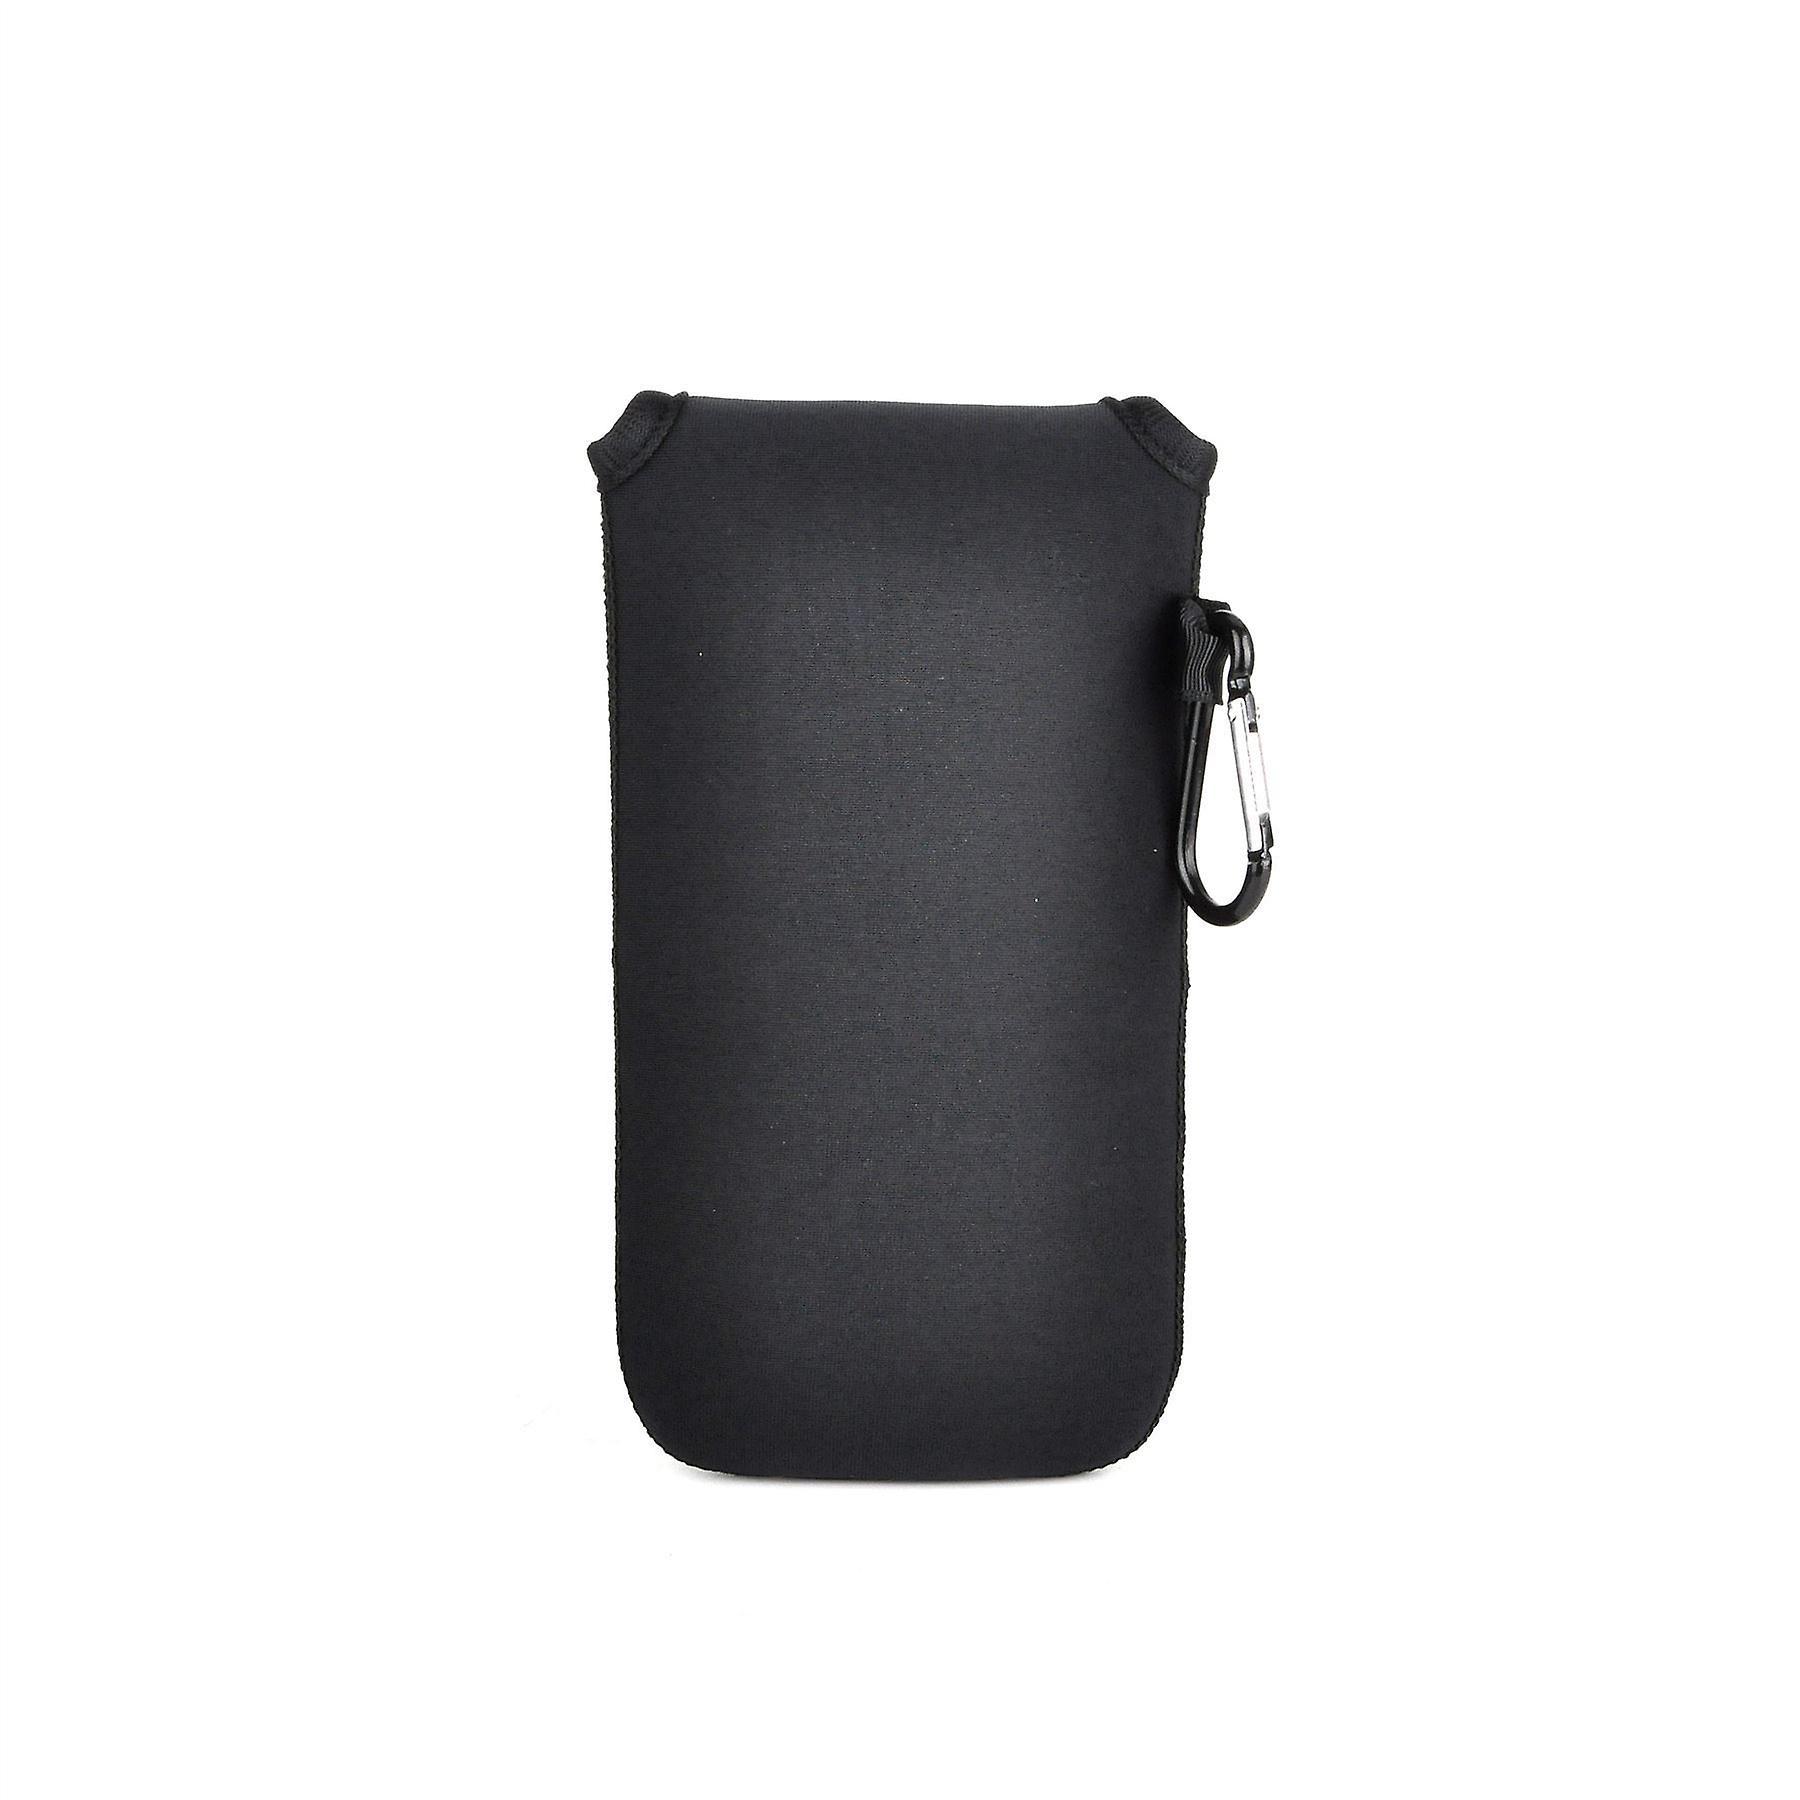 حقيبة تغطية القضية الحقيبة واقية مقاومة لتأثير النيوبرين إينفينتكاسي مع إغلاق Velcro و Carabiner الألومنيوم فيبي لينوفو S1-أسود